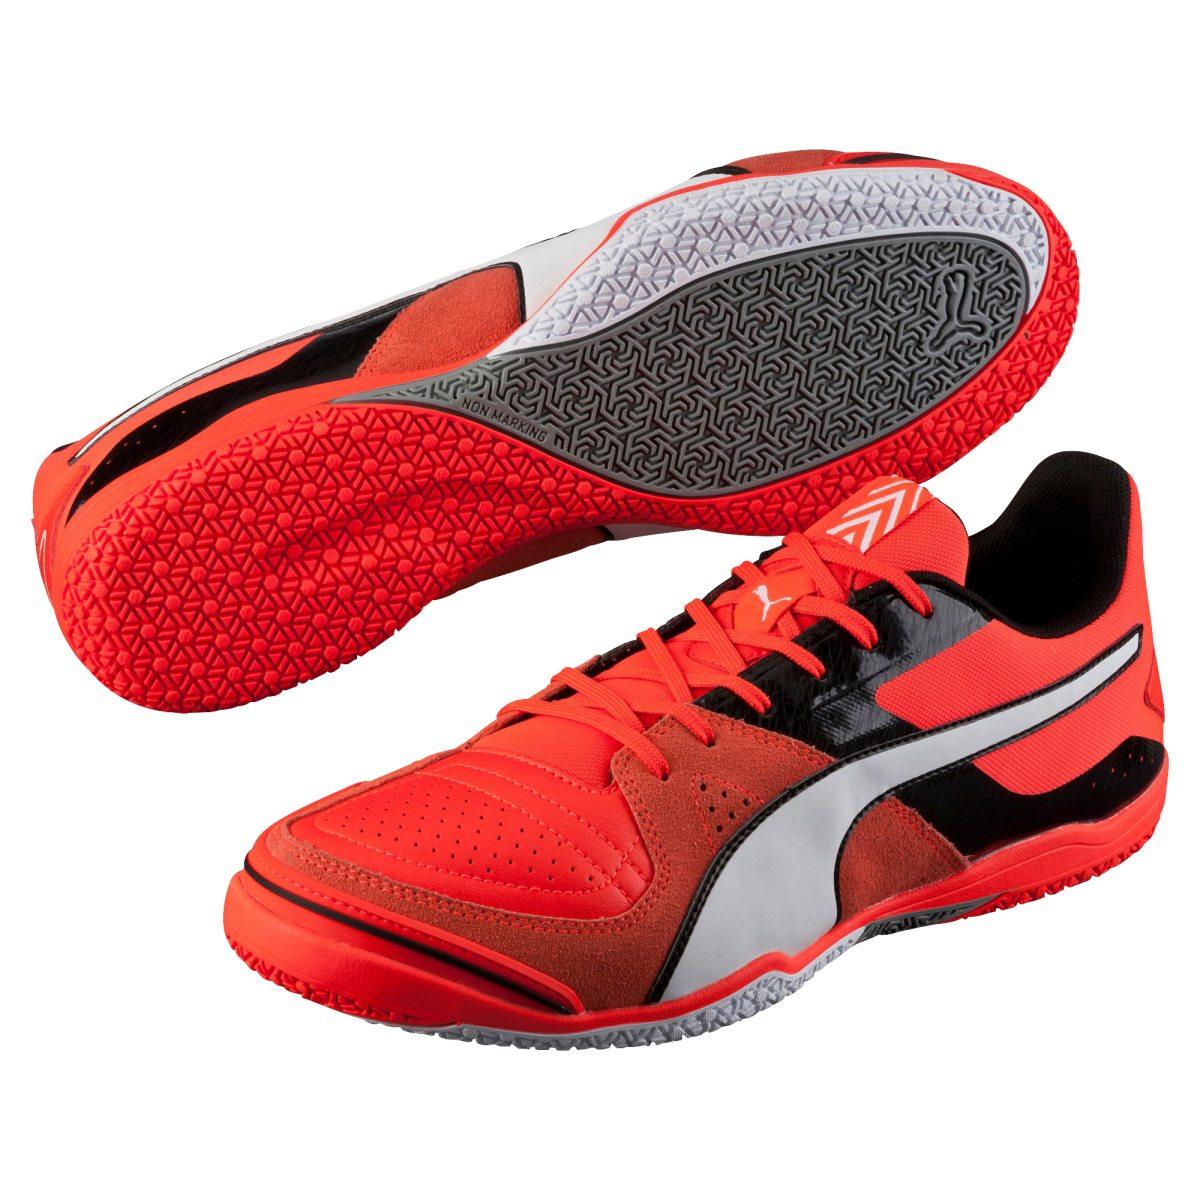 sports shoes 60af6 caae3 puma invicto sala futsalsko senior fotballsko no